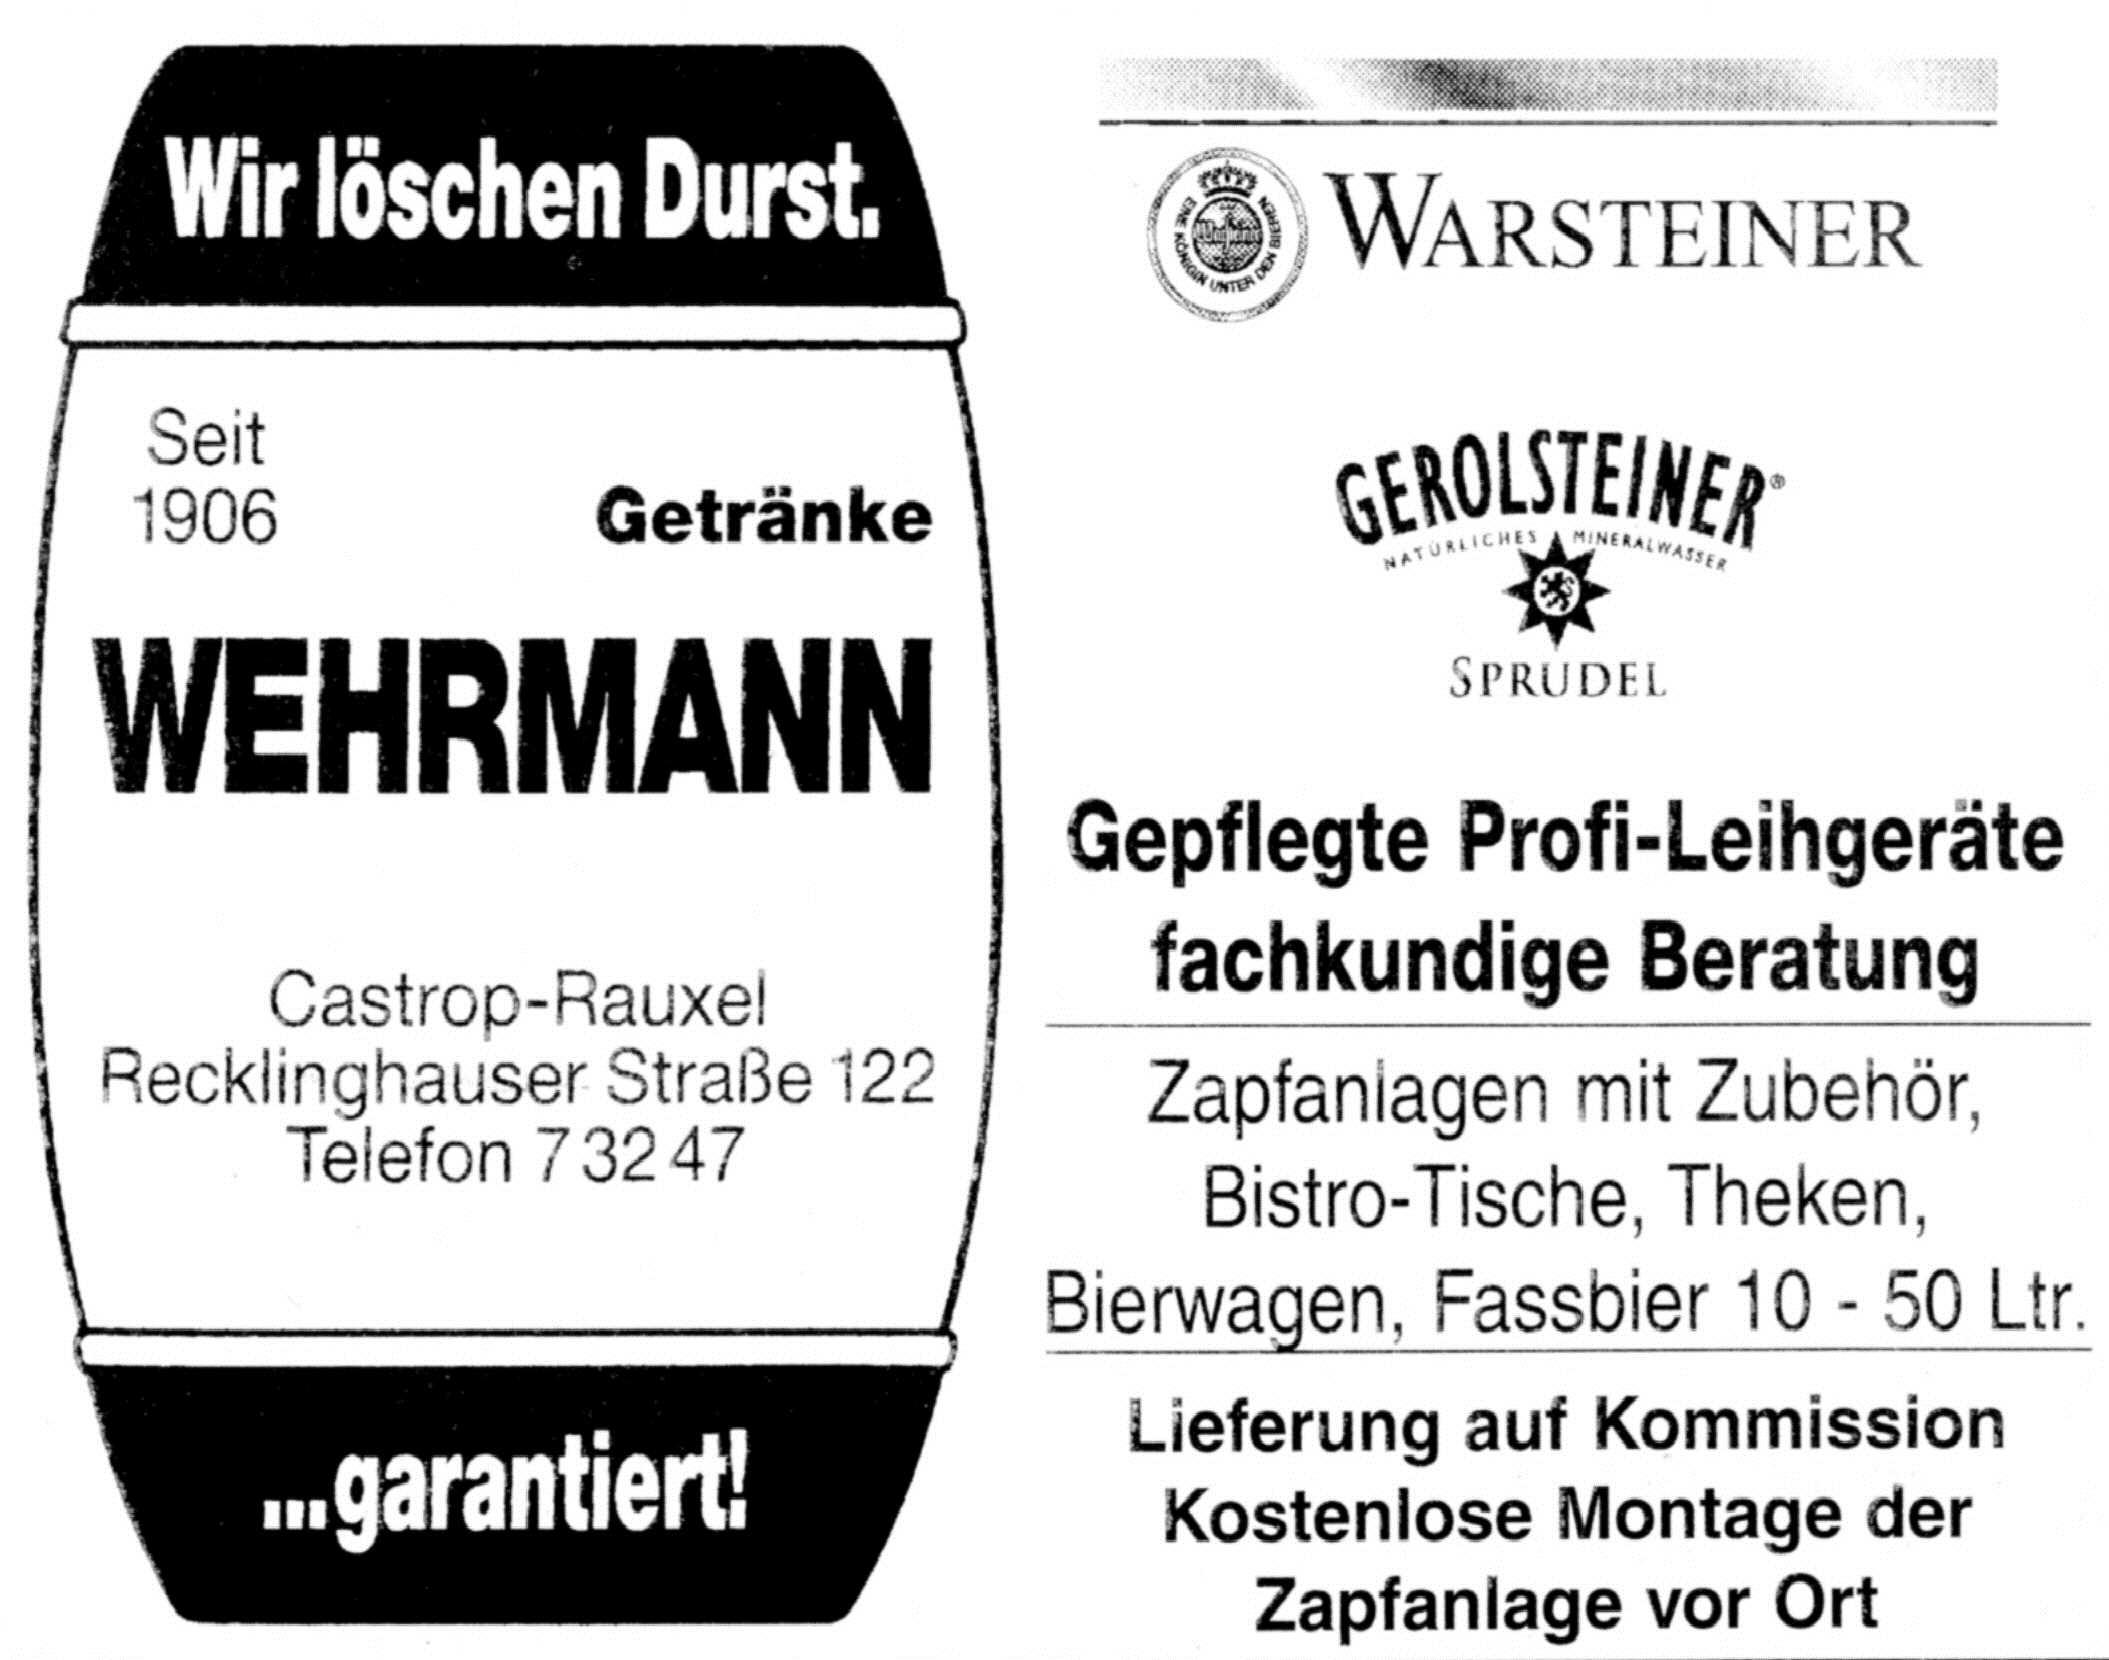 Wehrmann - Getränkehandel